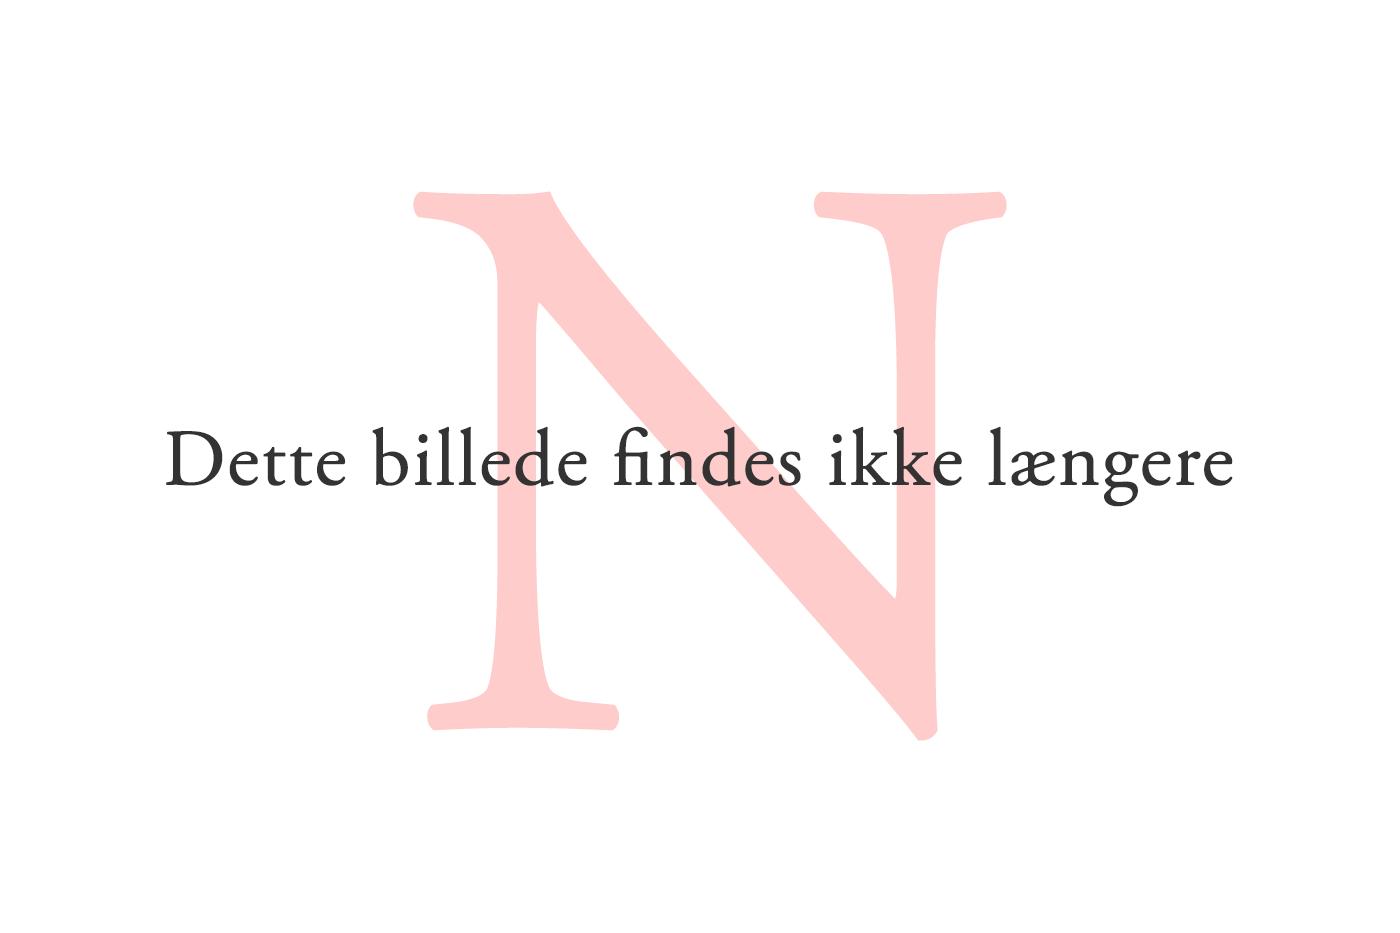 navisen.dk?p=1233 2013 01 10T17:11:49Z http